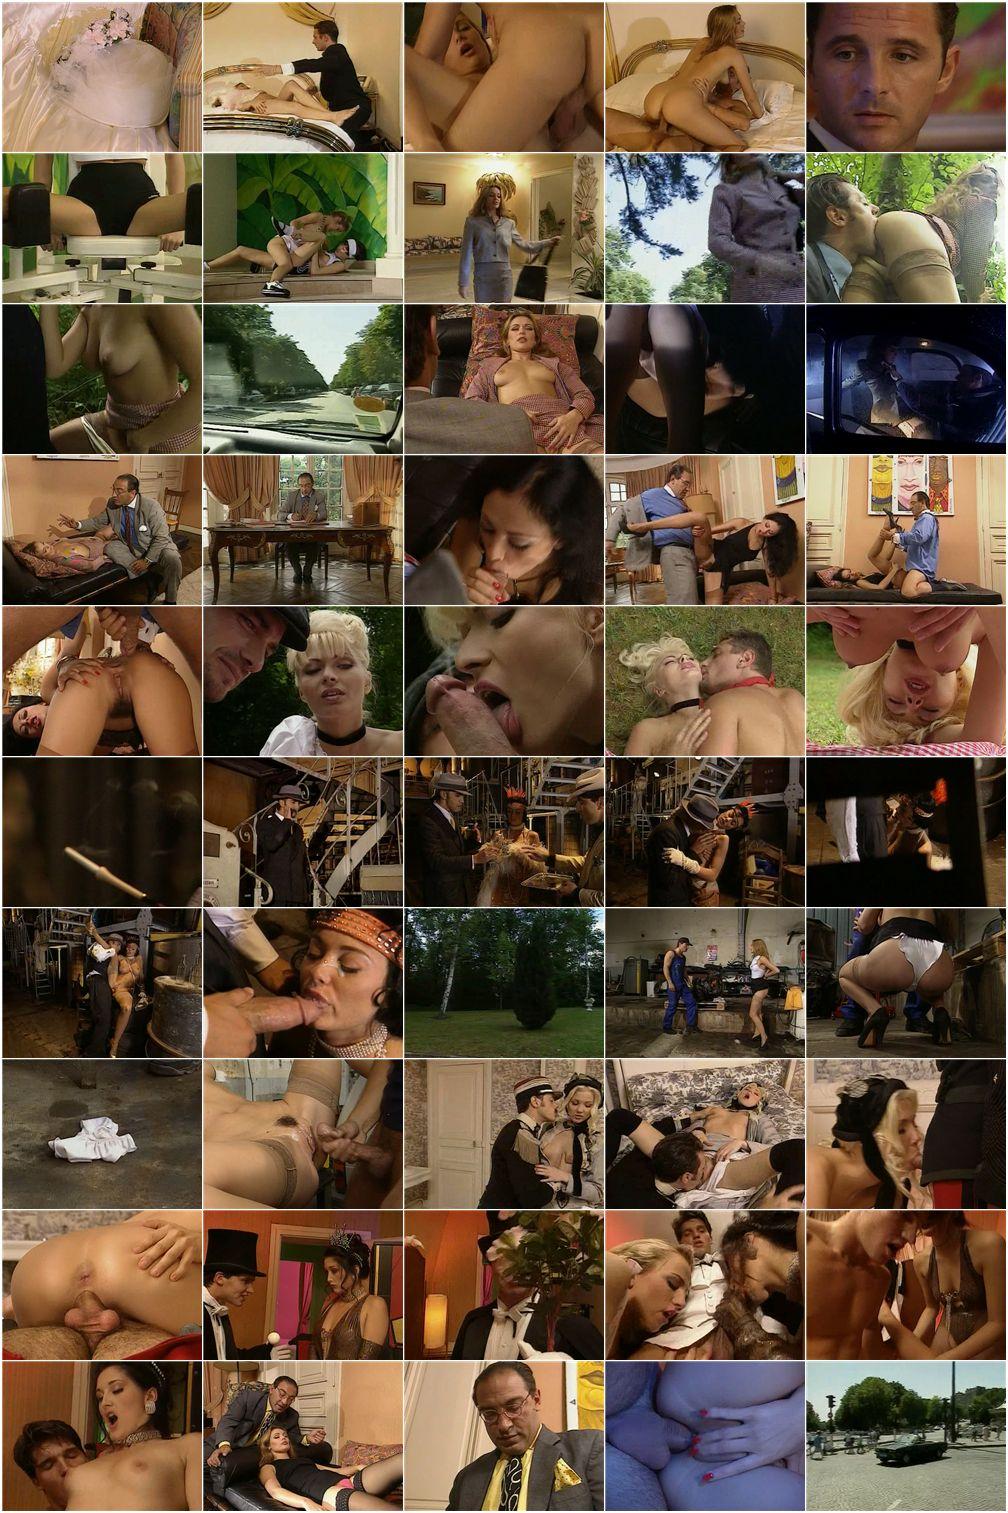 лучшие порно фильмы 1995 1997 года